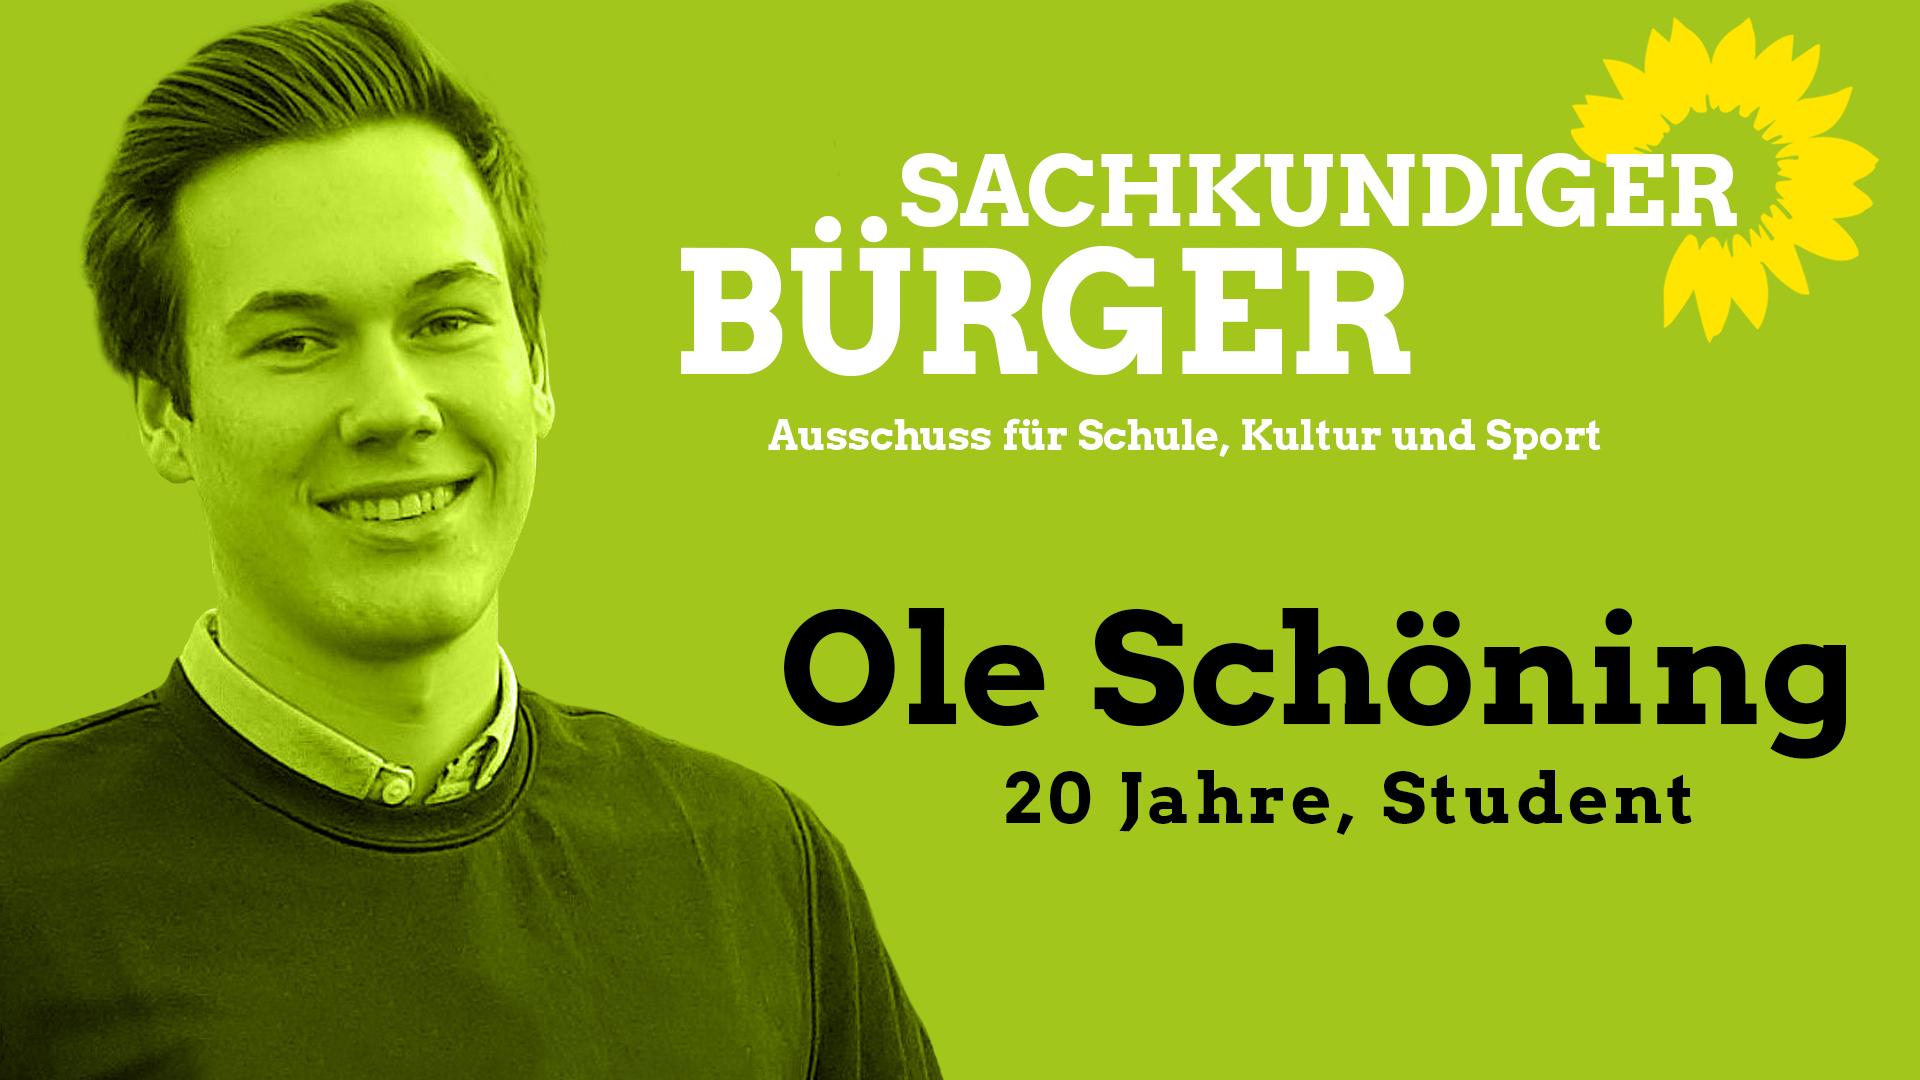 Ole Schöning, Sachkundiger Bürger